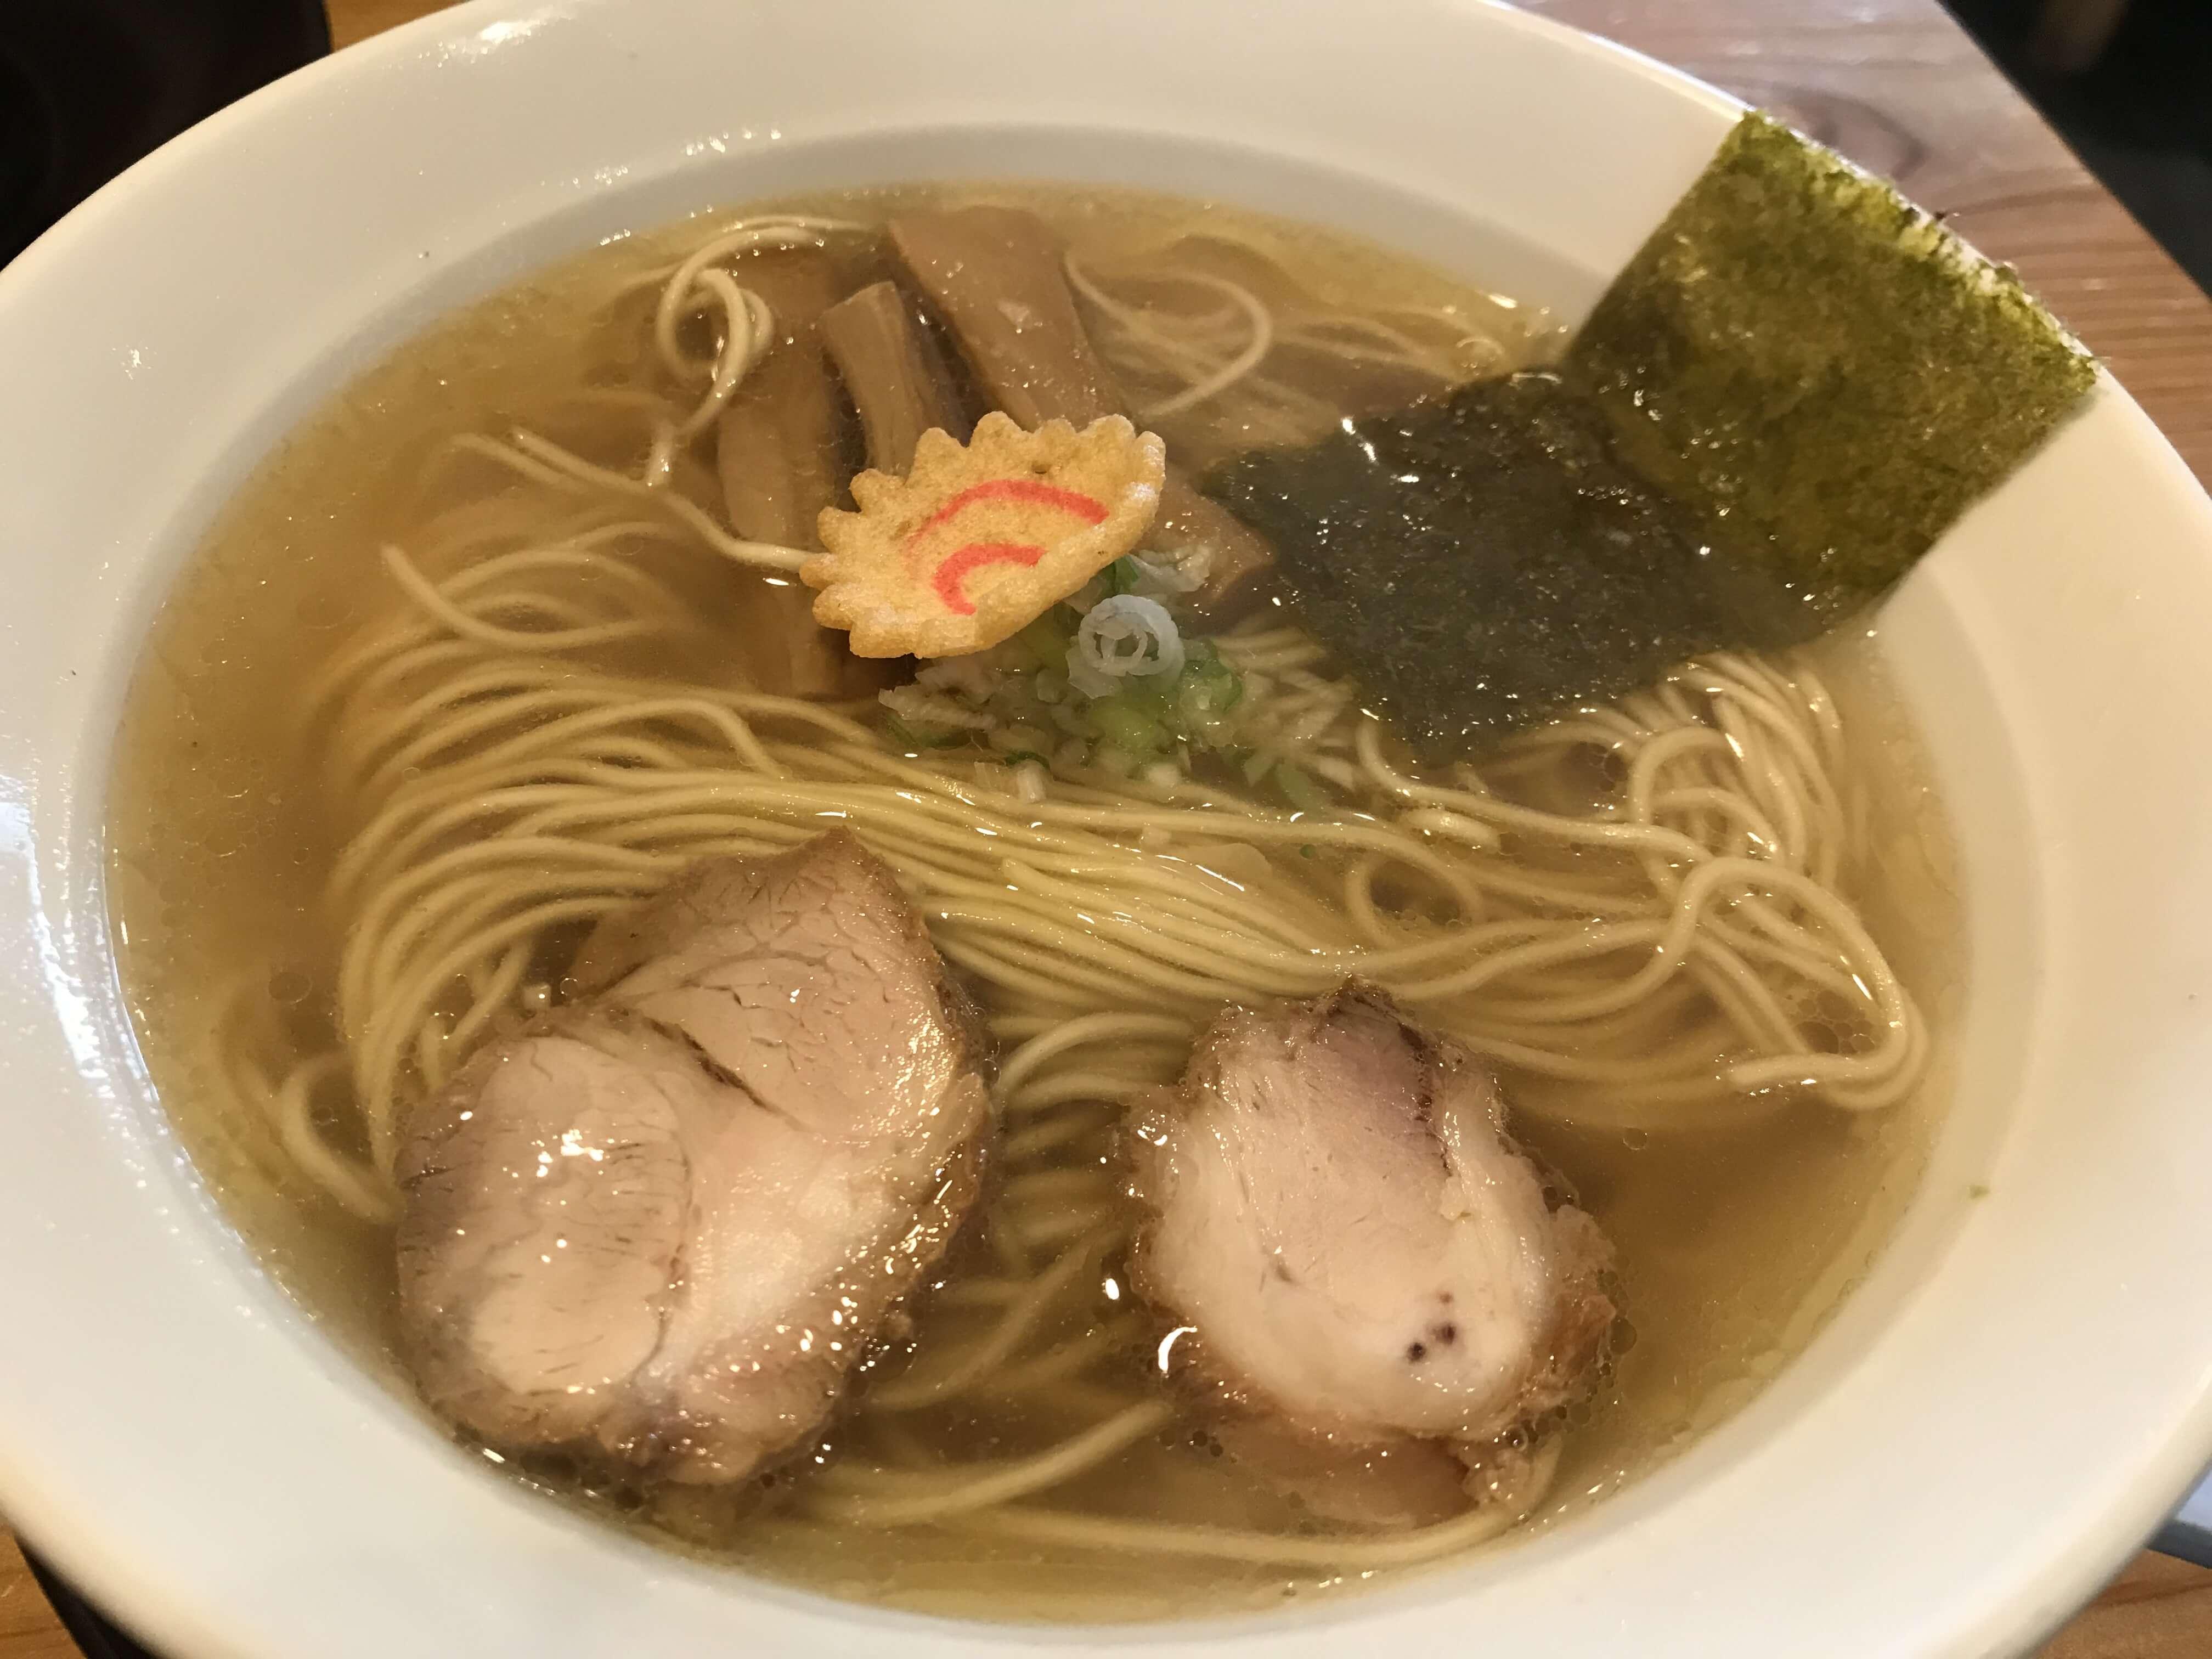 『客野製麺所』あっさり奥深いスープに自家製麺のコシ!こだわり醤油ラーメンは優しく染みる味。